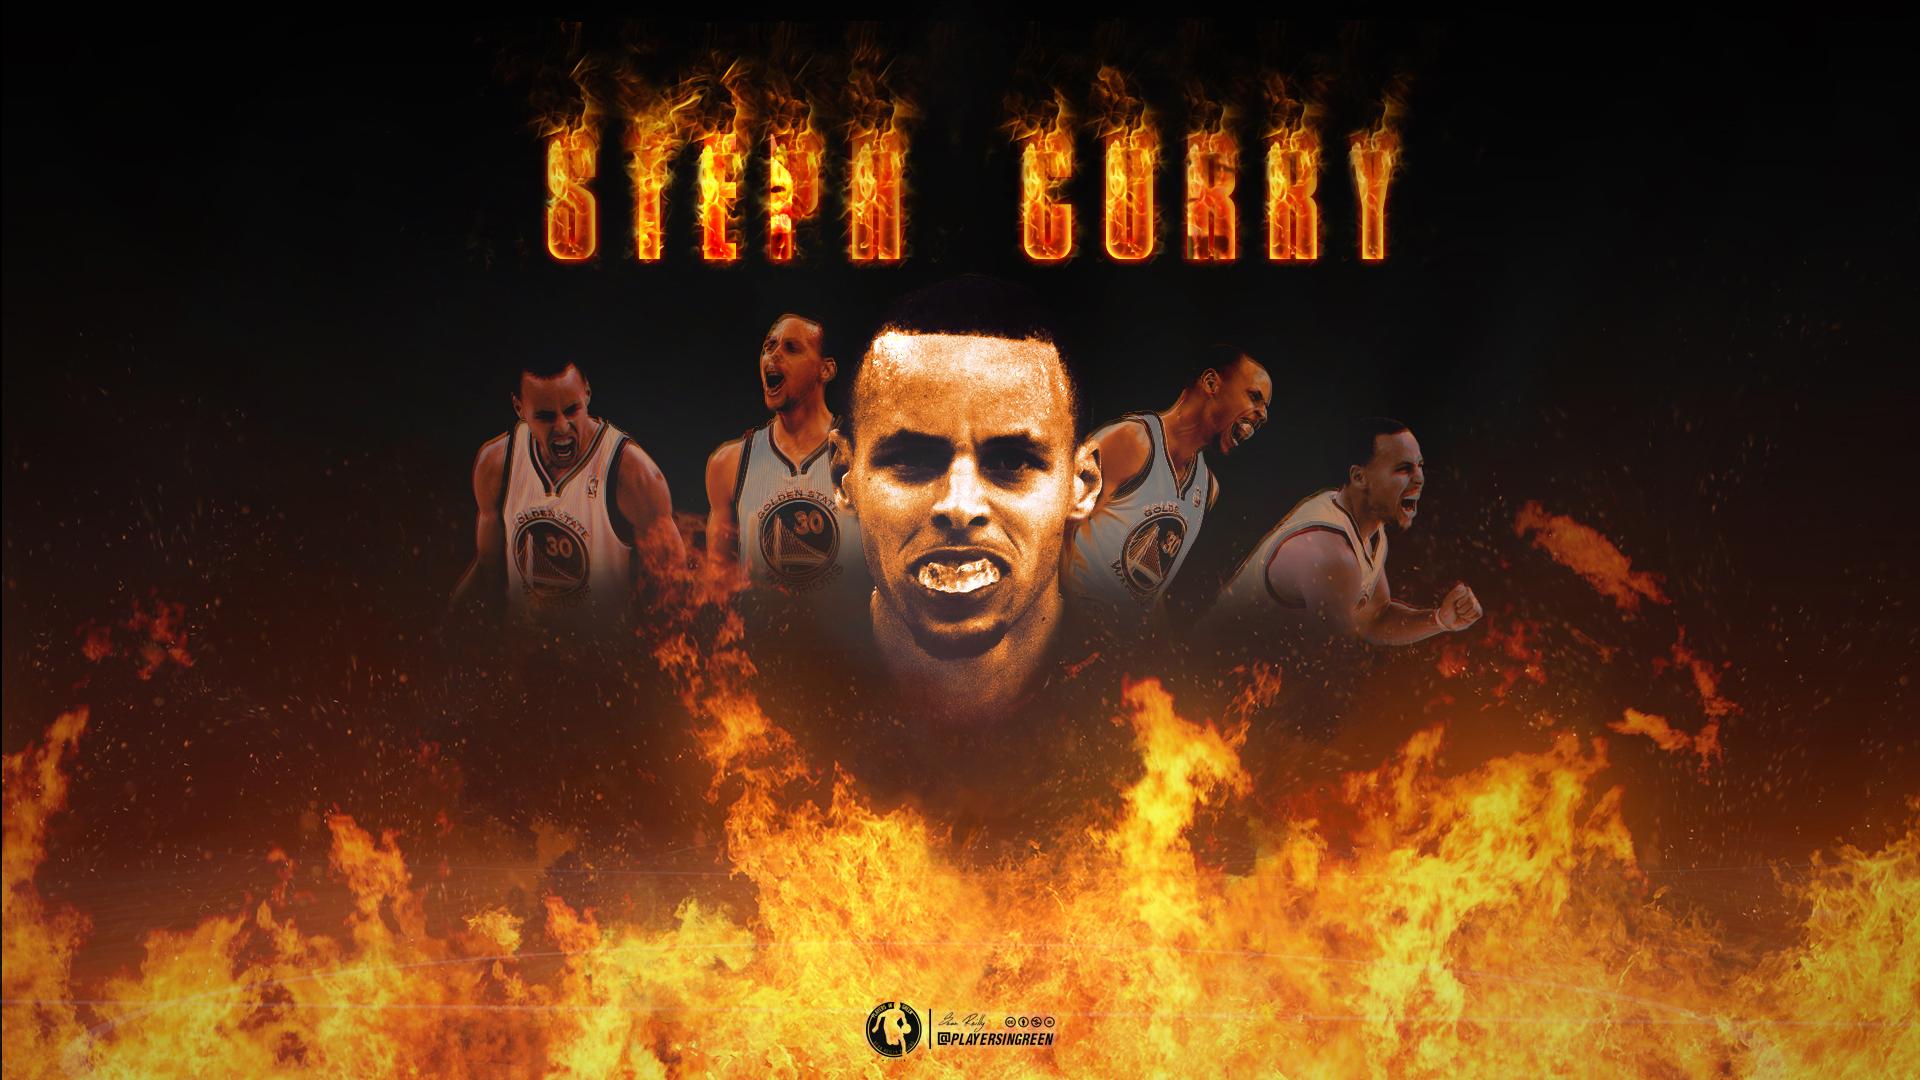 stephen curry wallpaper desktop